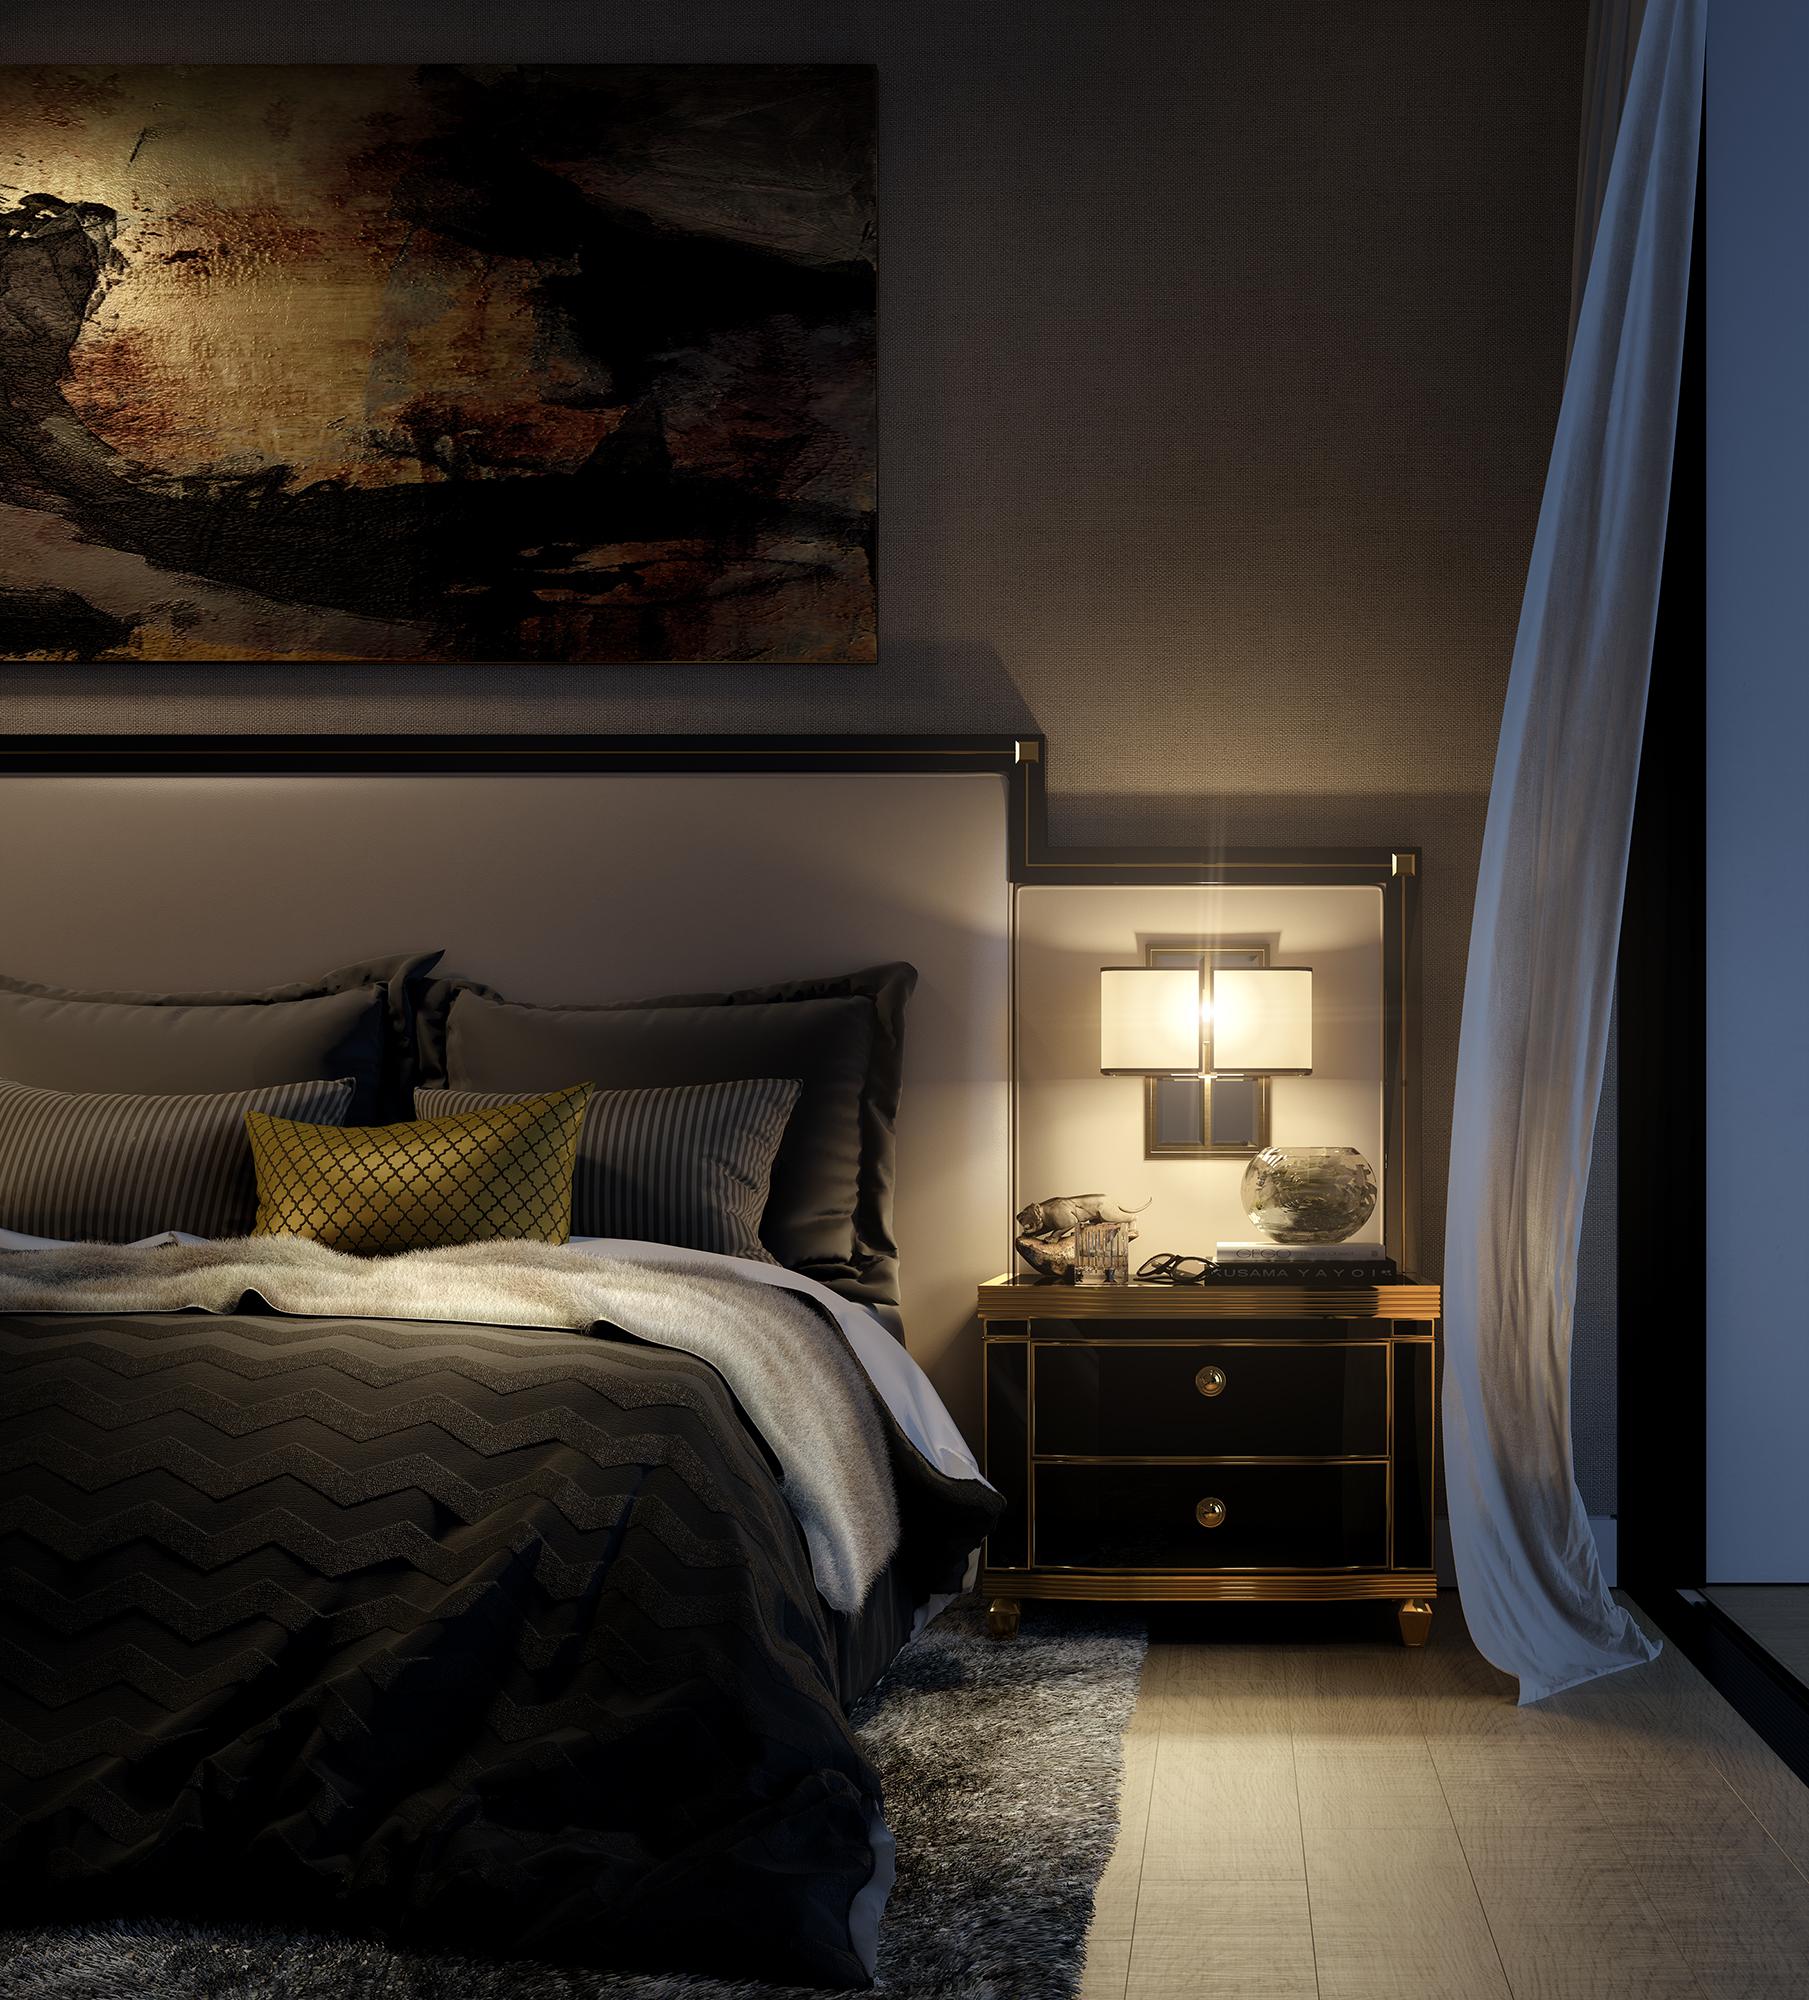 interior - bedside